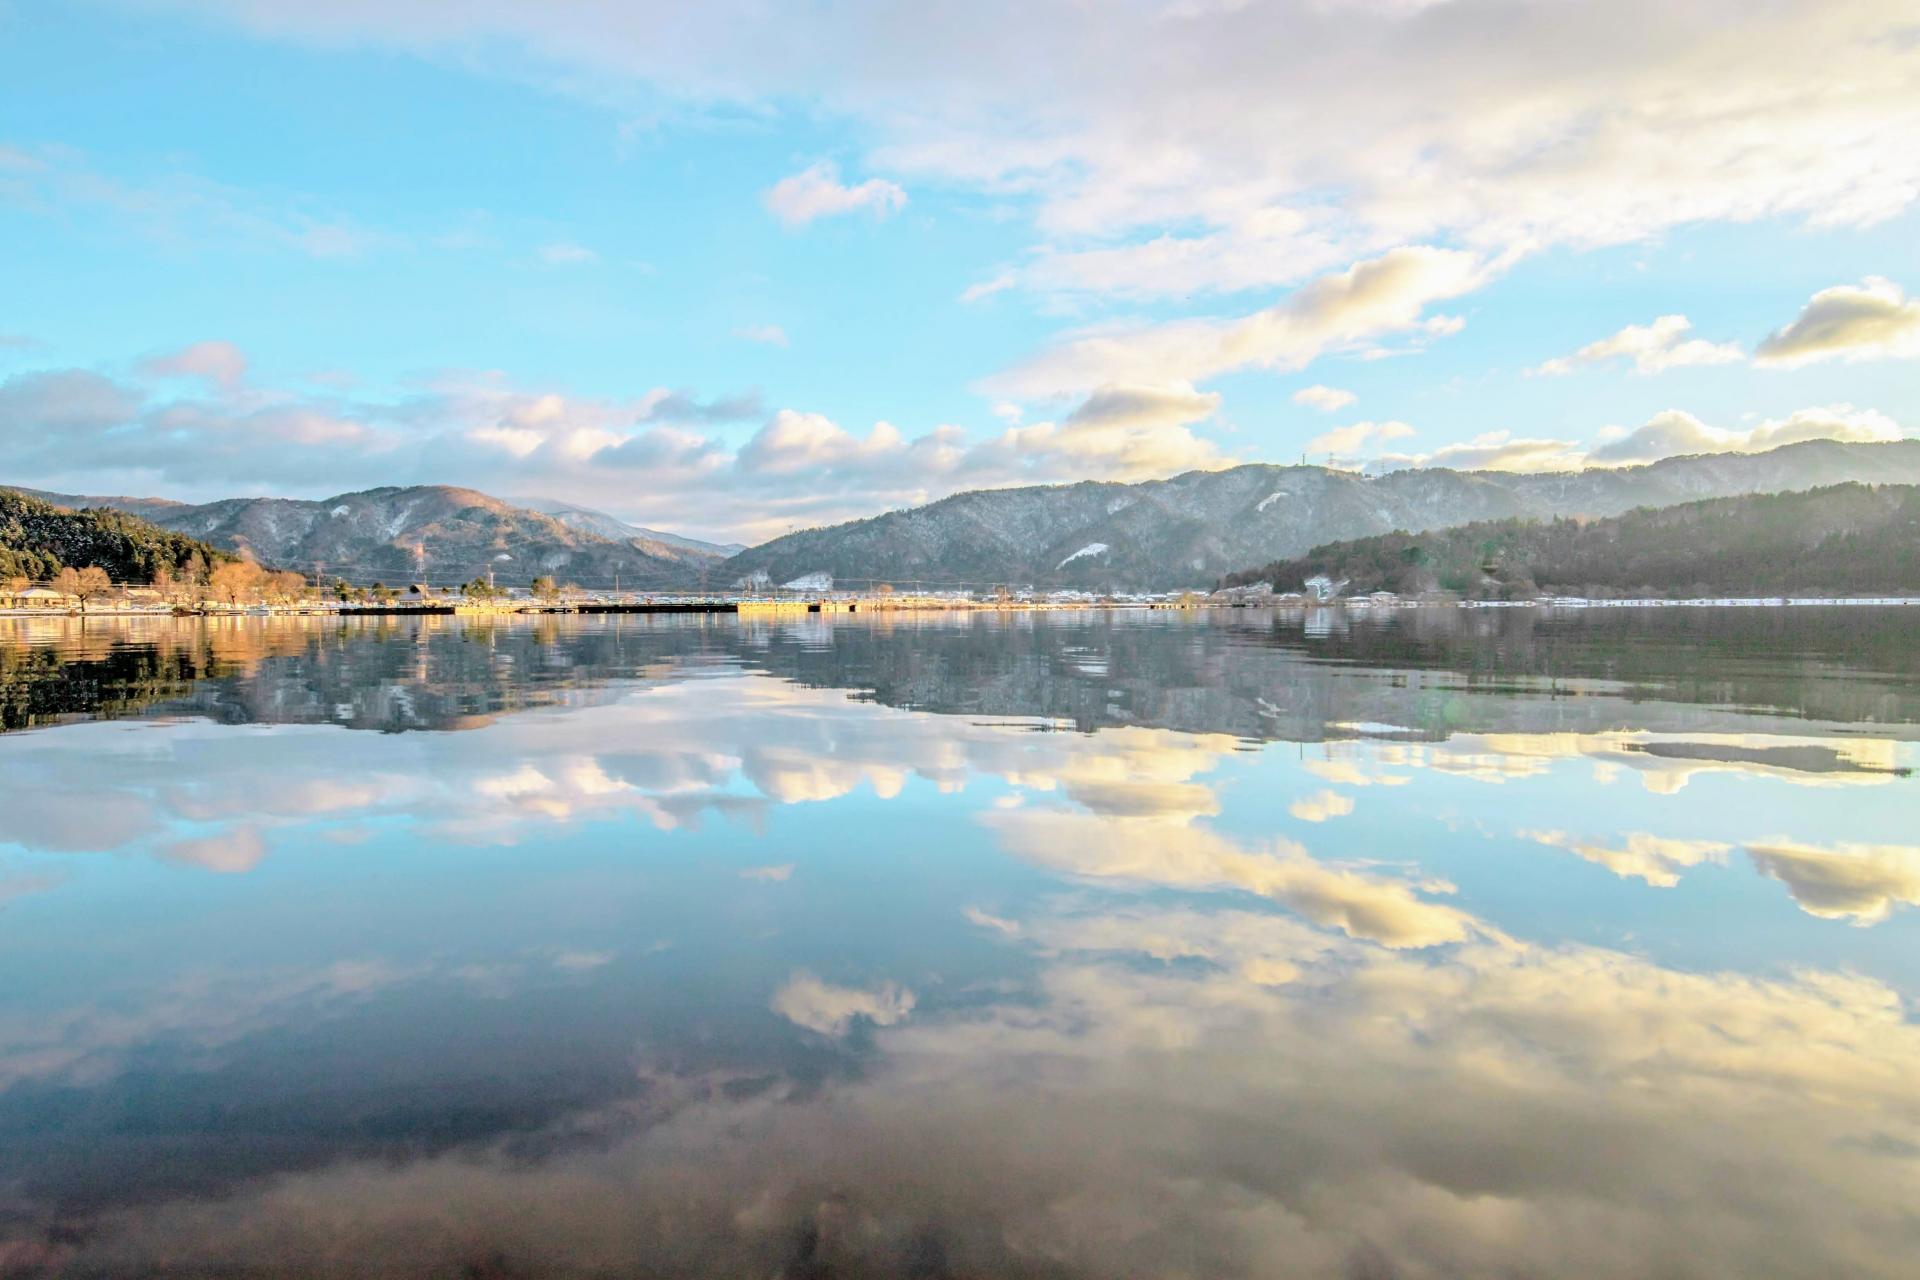 湖北エリア一帯を周遊|日本のウユニ塩湖余呉湖からスタートするモデルコース